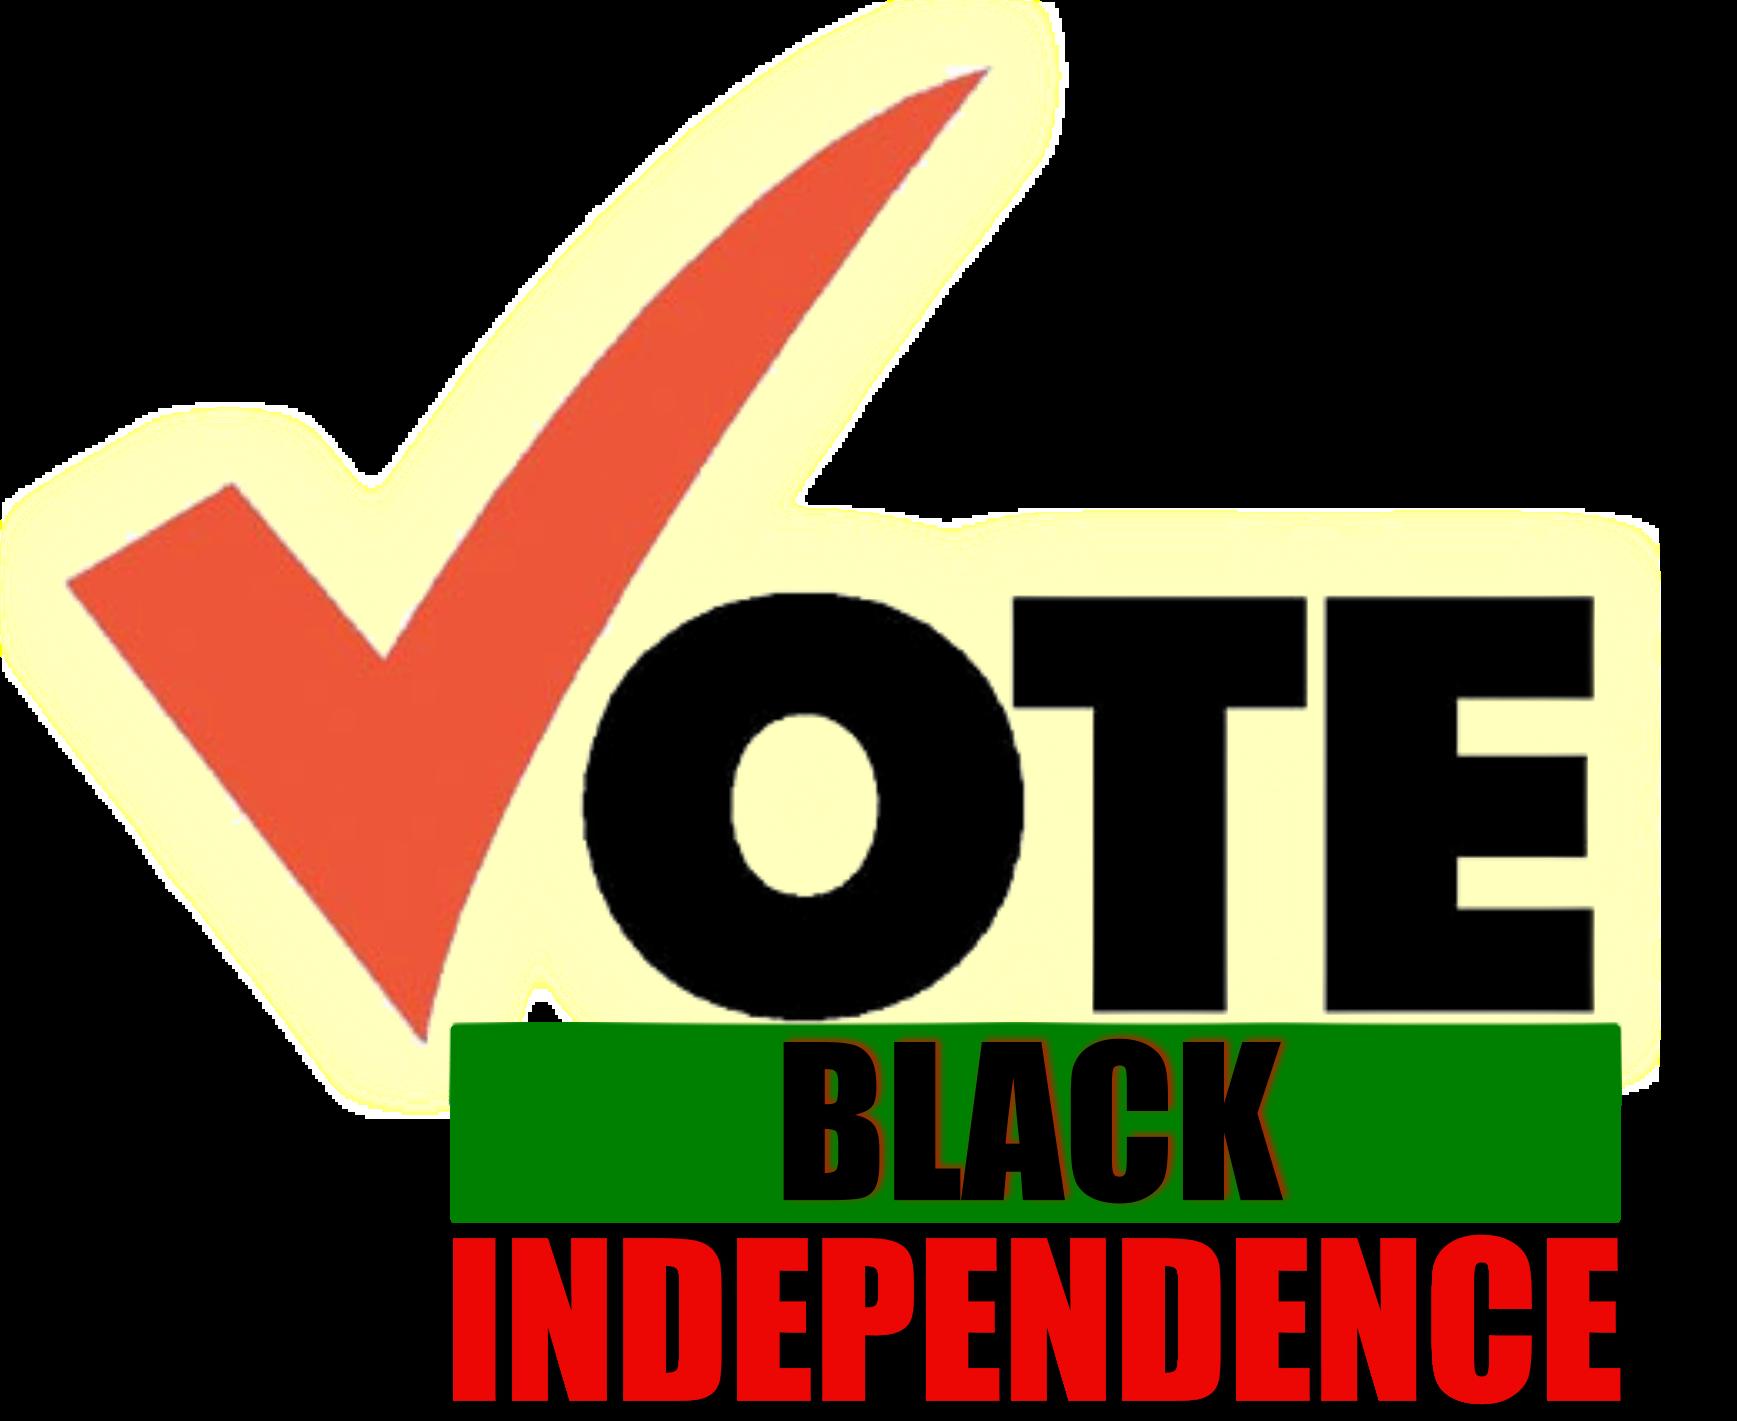 Black independence vote logo